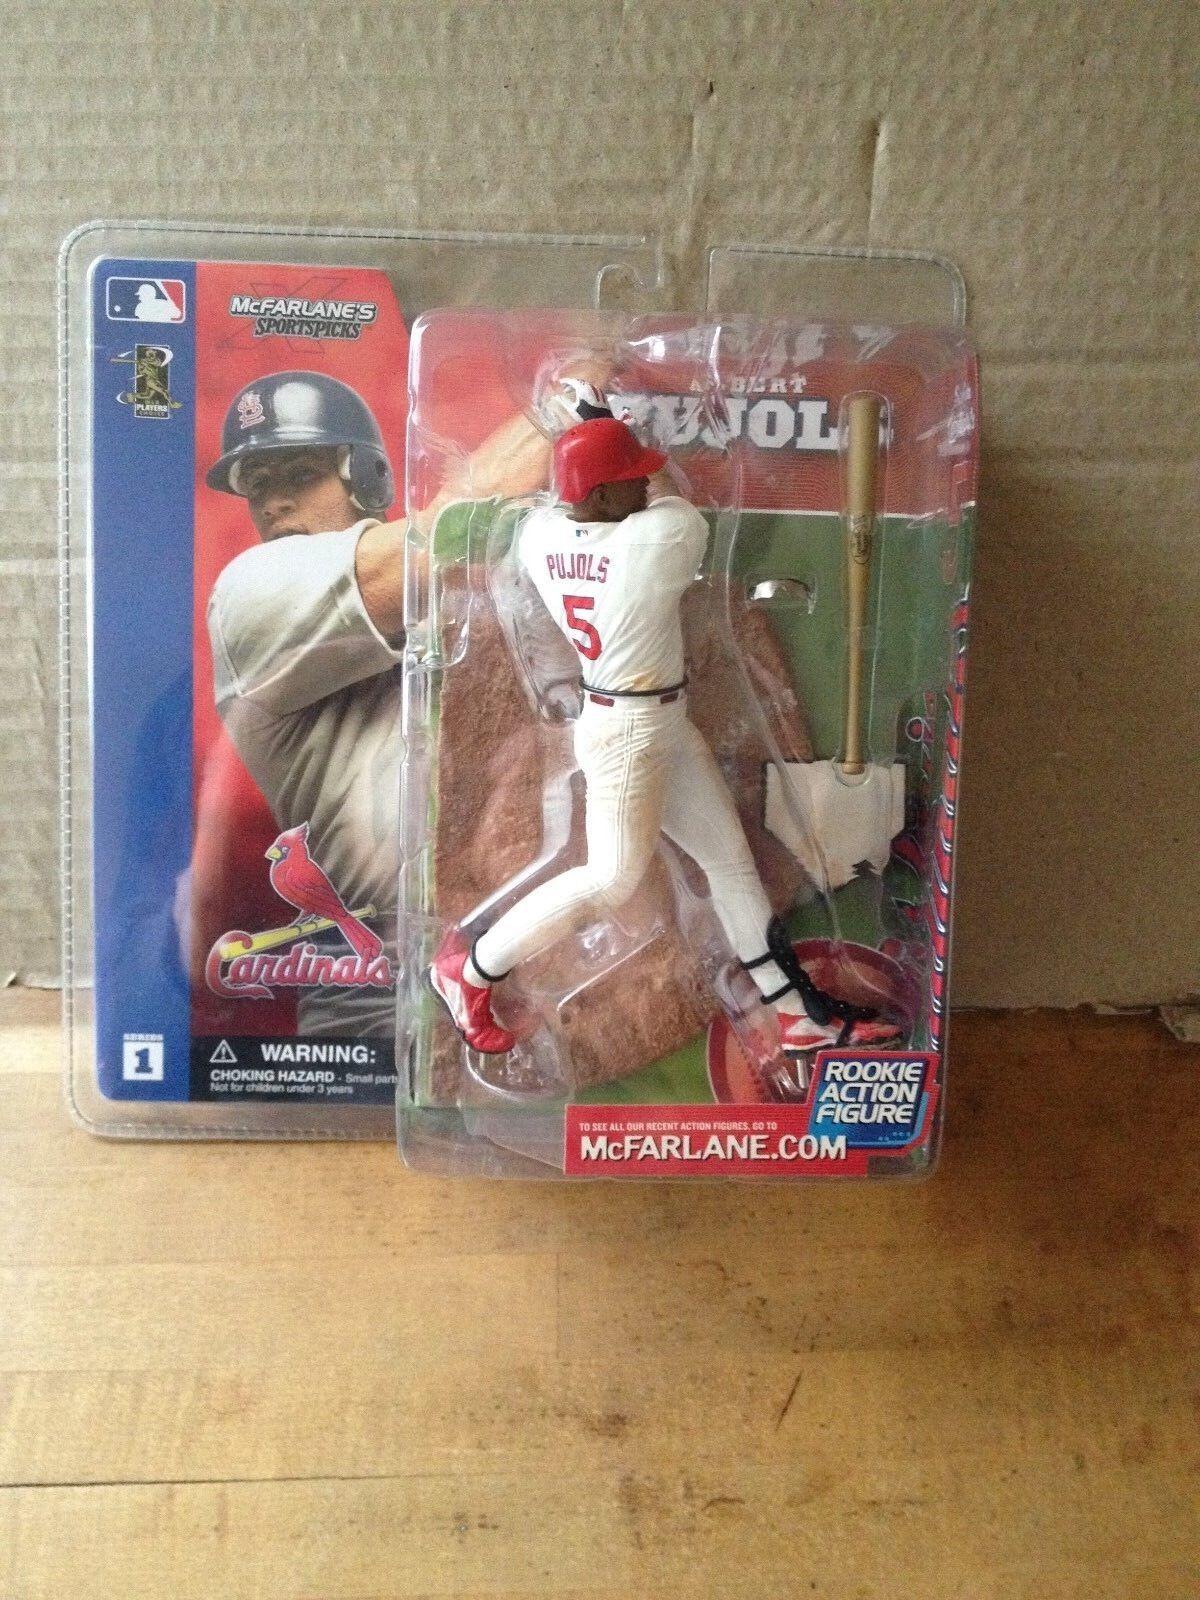 Mcfarlane MLB Series 1 Albert Pujols Rookie Rookie Rookie Variant Figure Unopened Rare e362f3